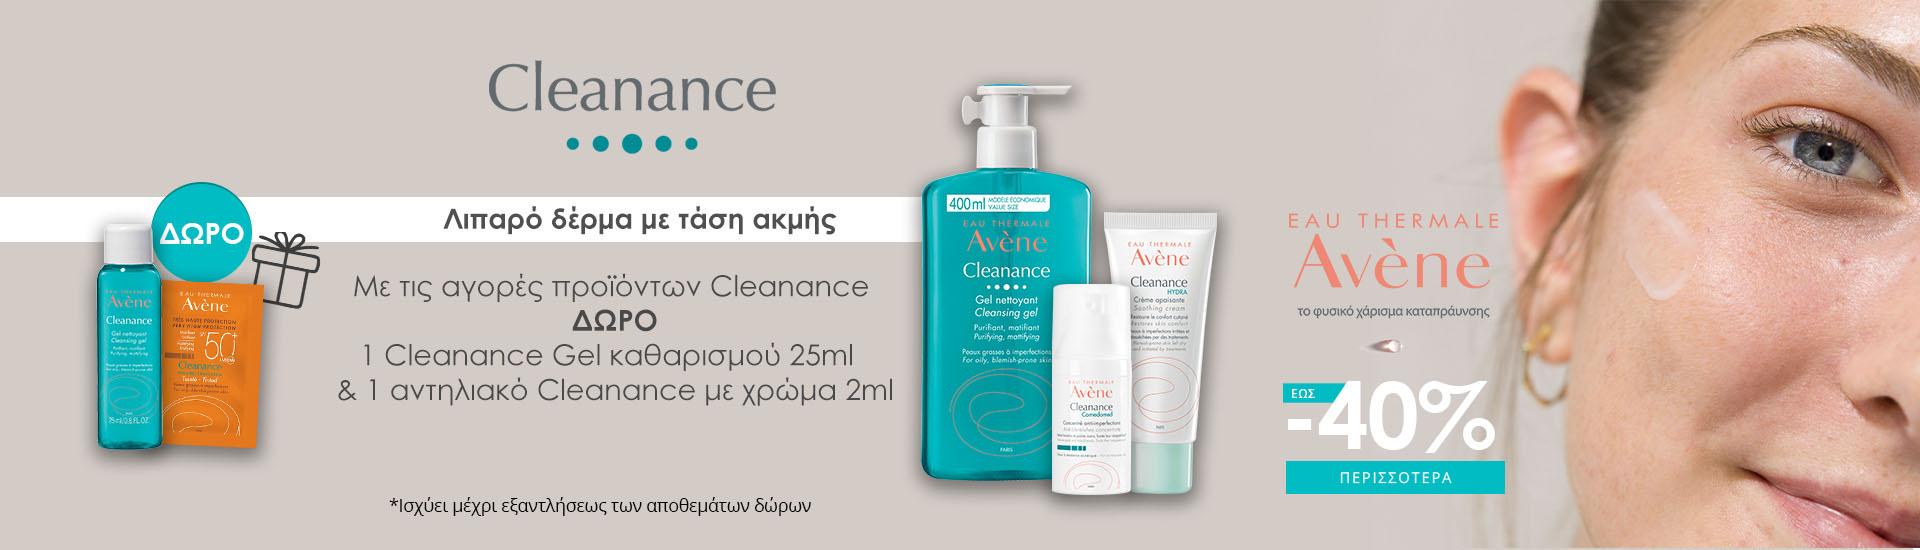 Avene Cleanance έως -40% & ΔΩΡΟ